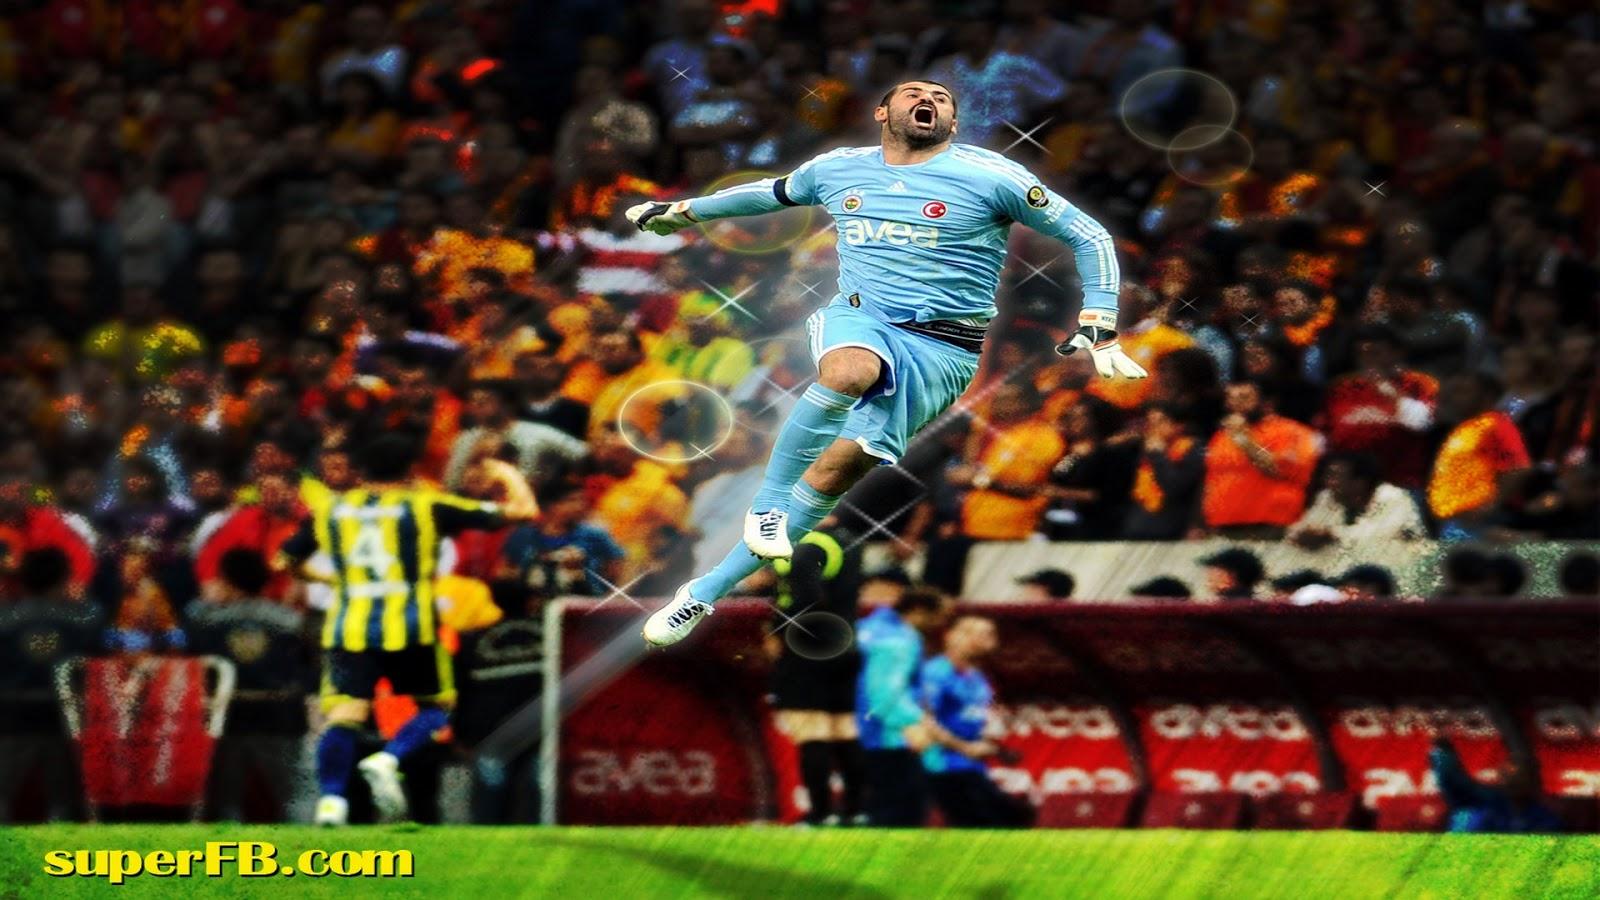 fenerbahce+resim+rooteto+9 Fenerbahçe HD Resimleri